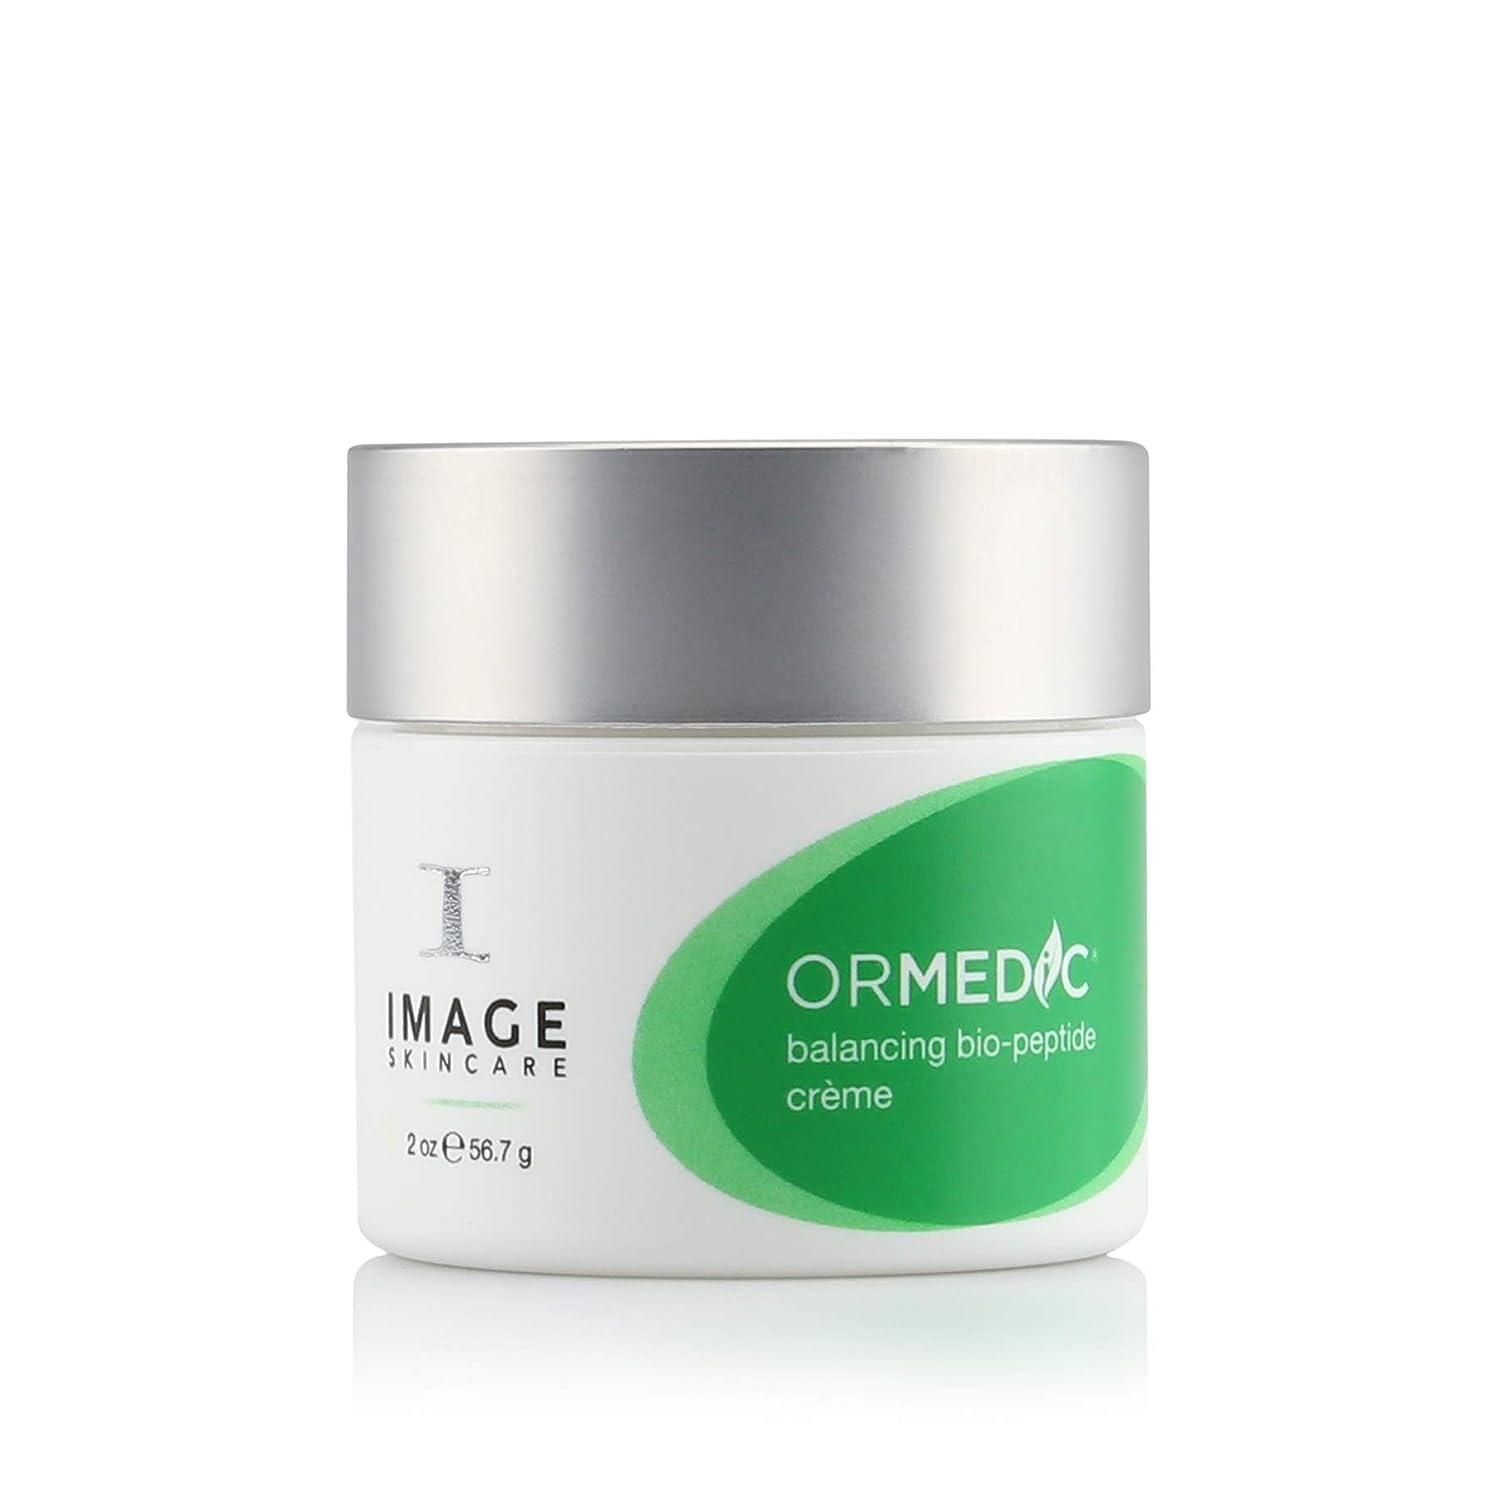 レモンドリンク冷ややかなImage Ormedic Balancing Bio-Peptide Creme 56.7g/2oz並行輸入品